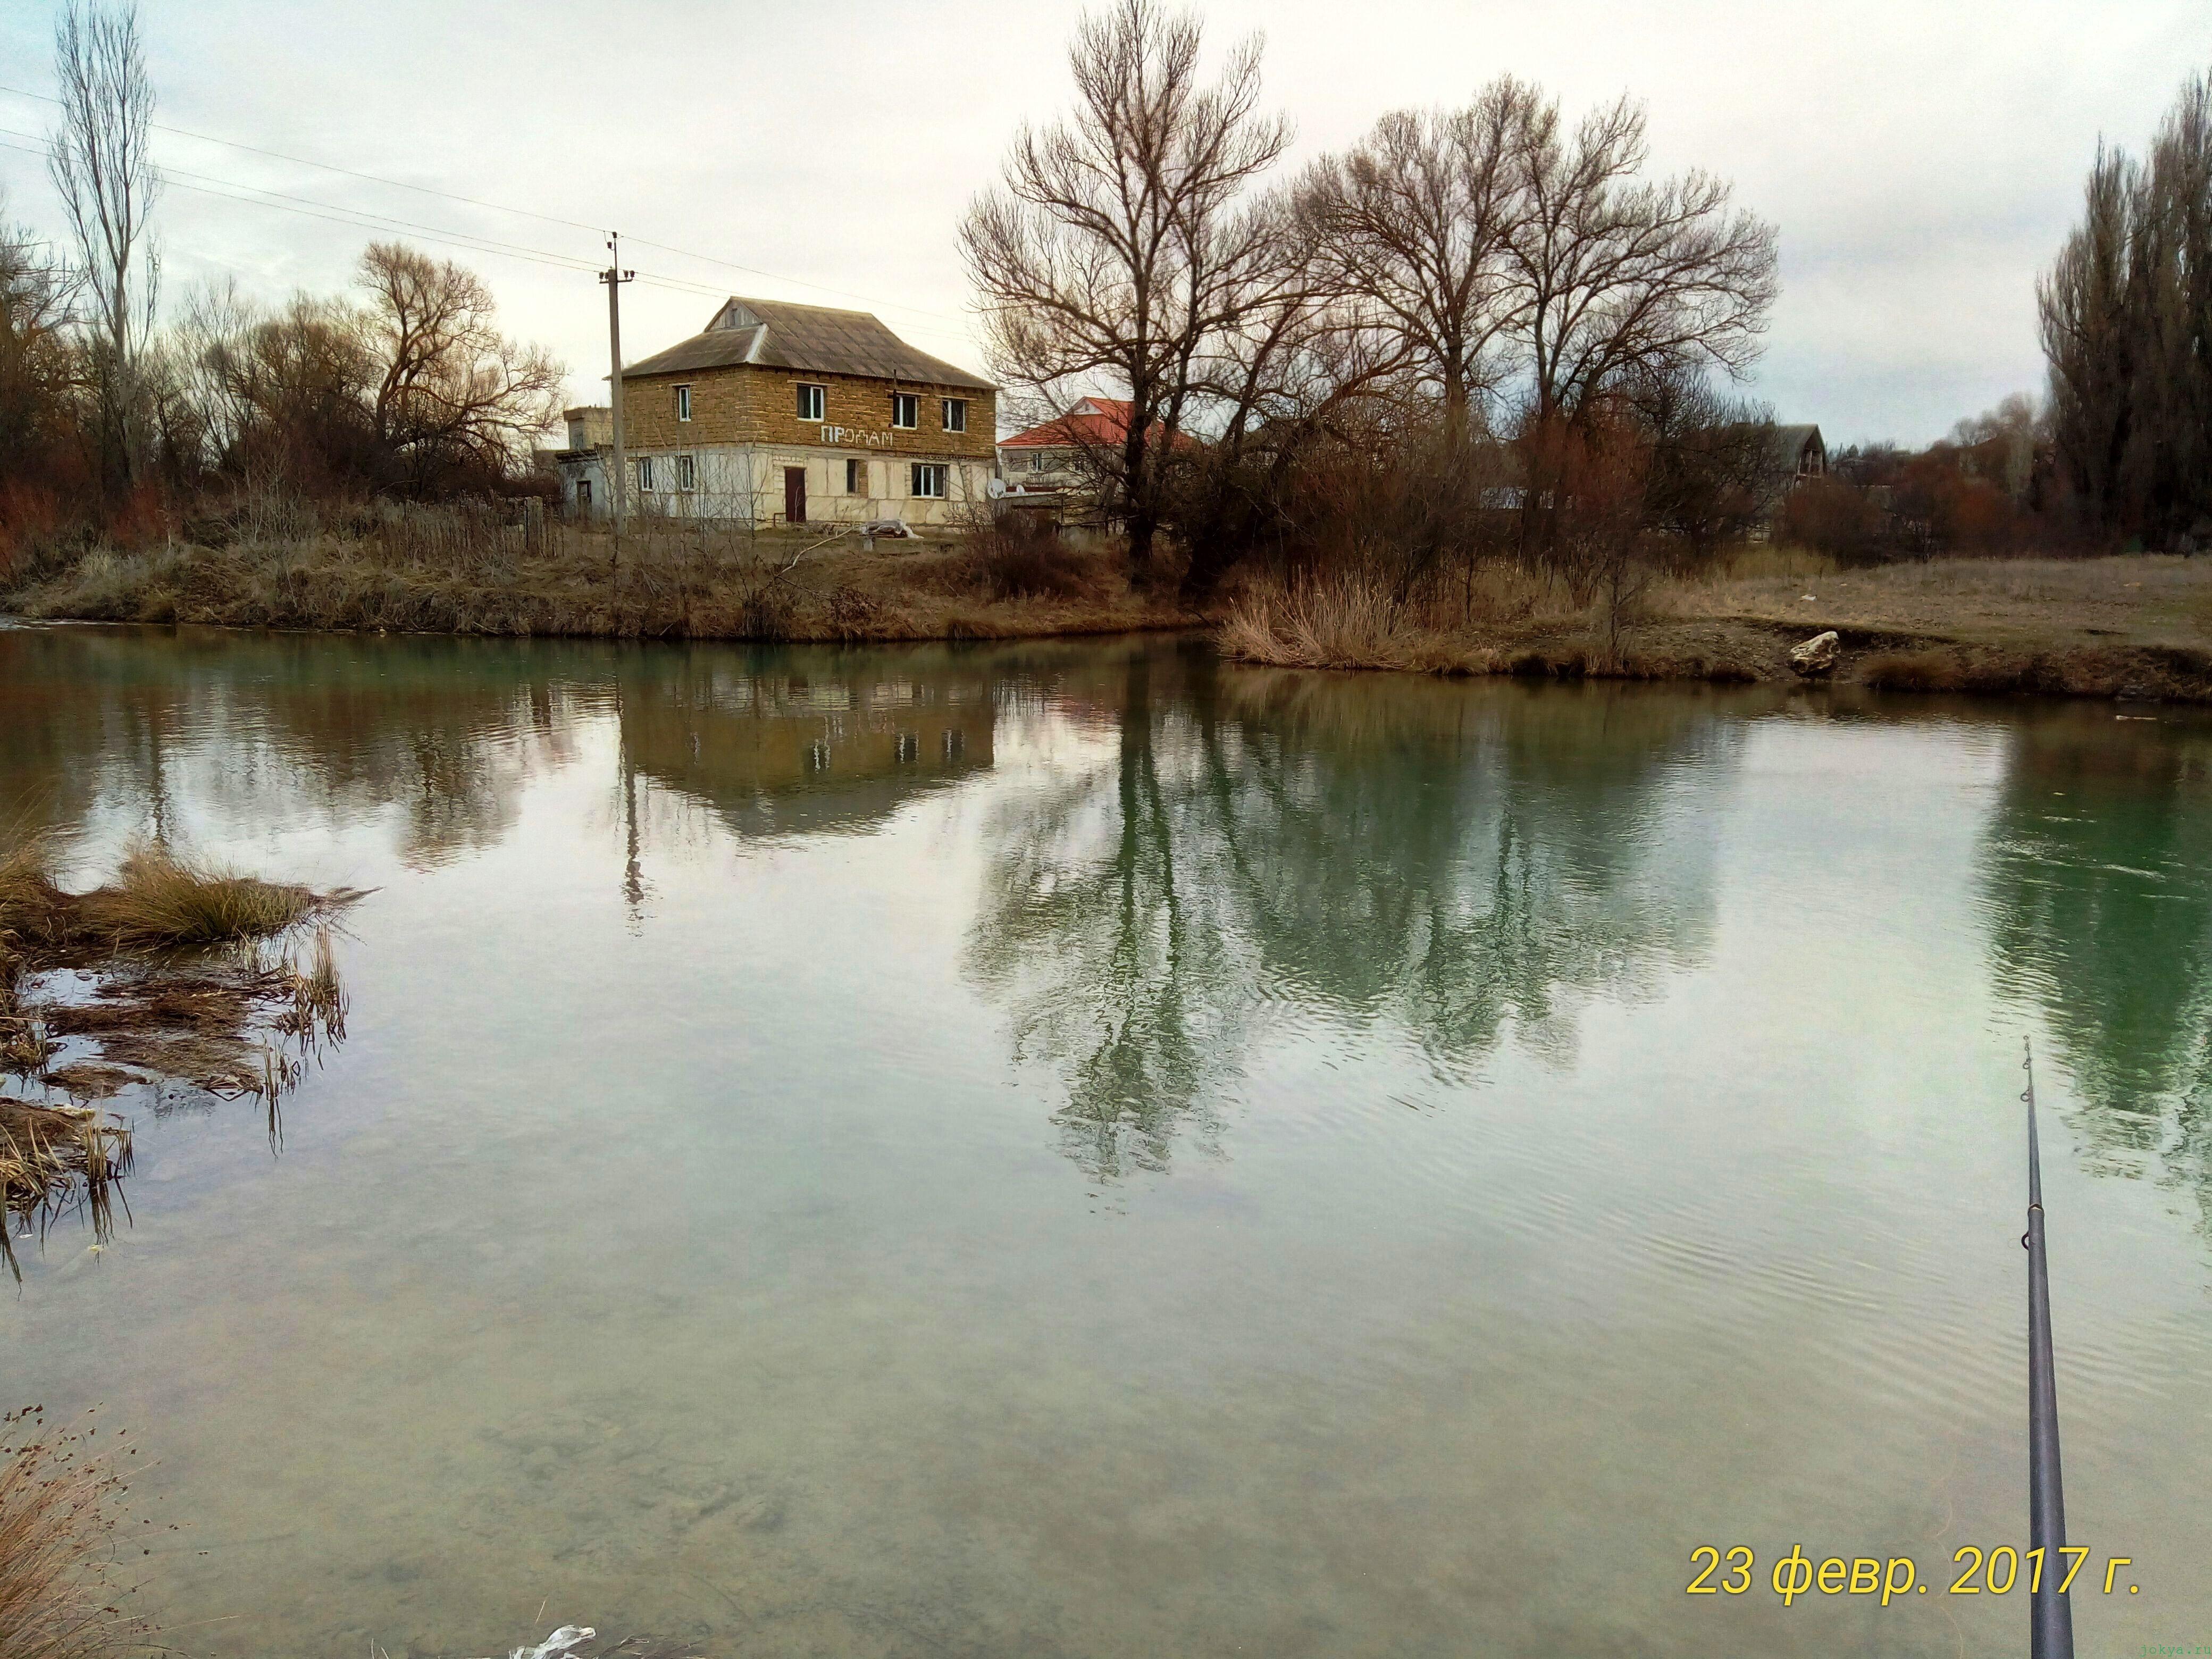 Ловля окуня в феврале при сильном ветре: фото заметка о моей реальности в Крыму jokya.ru